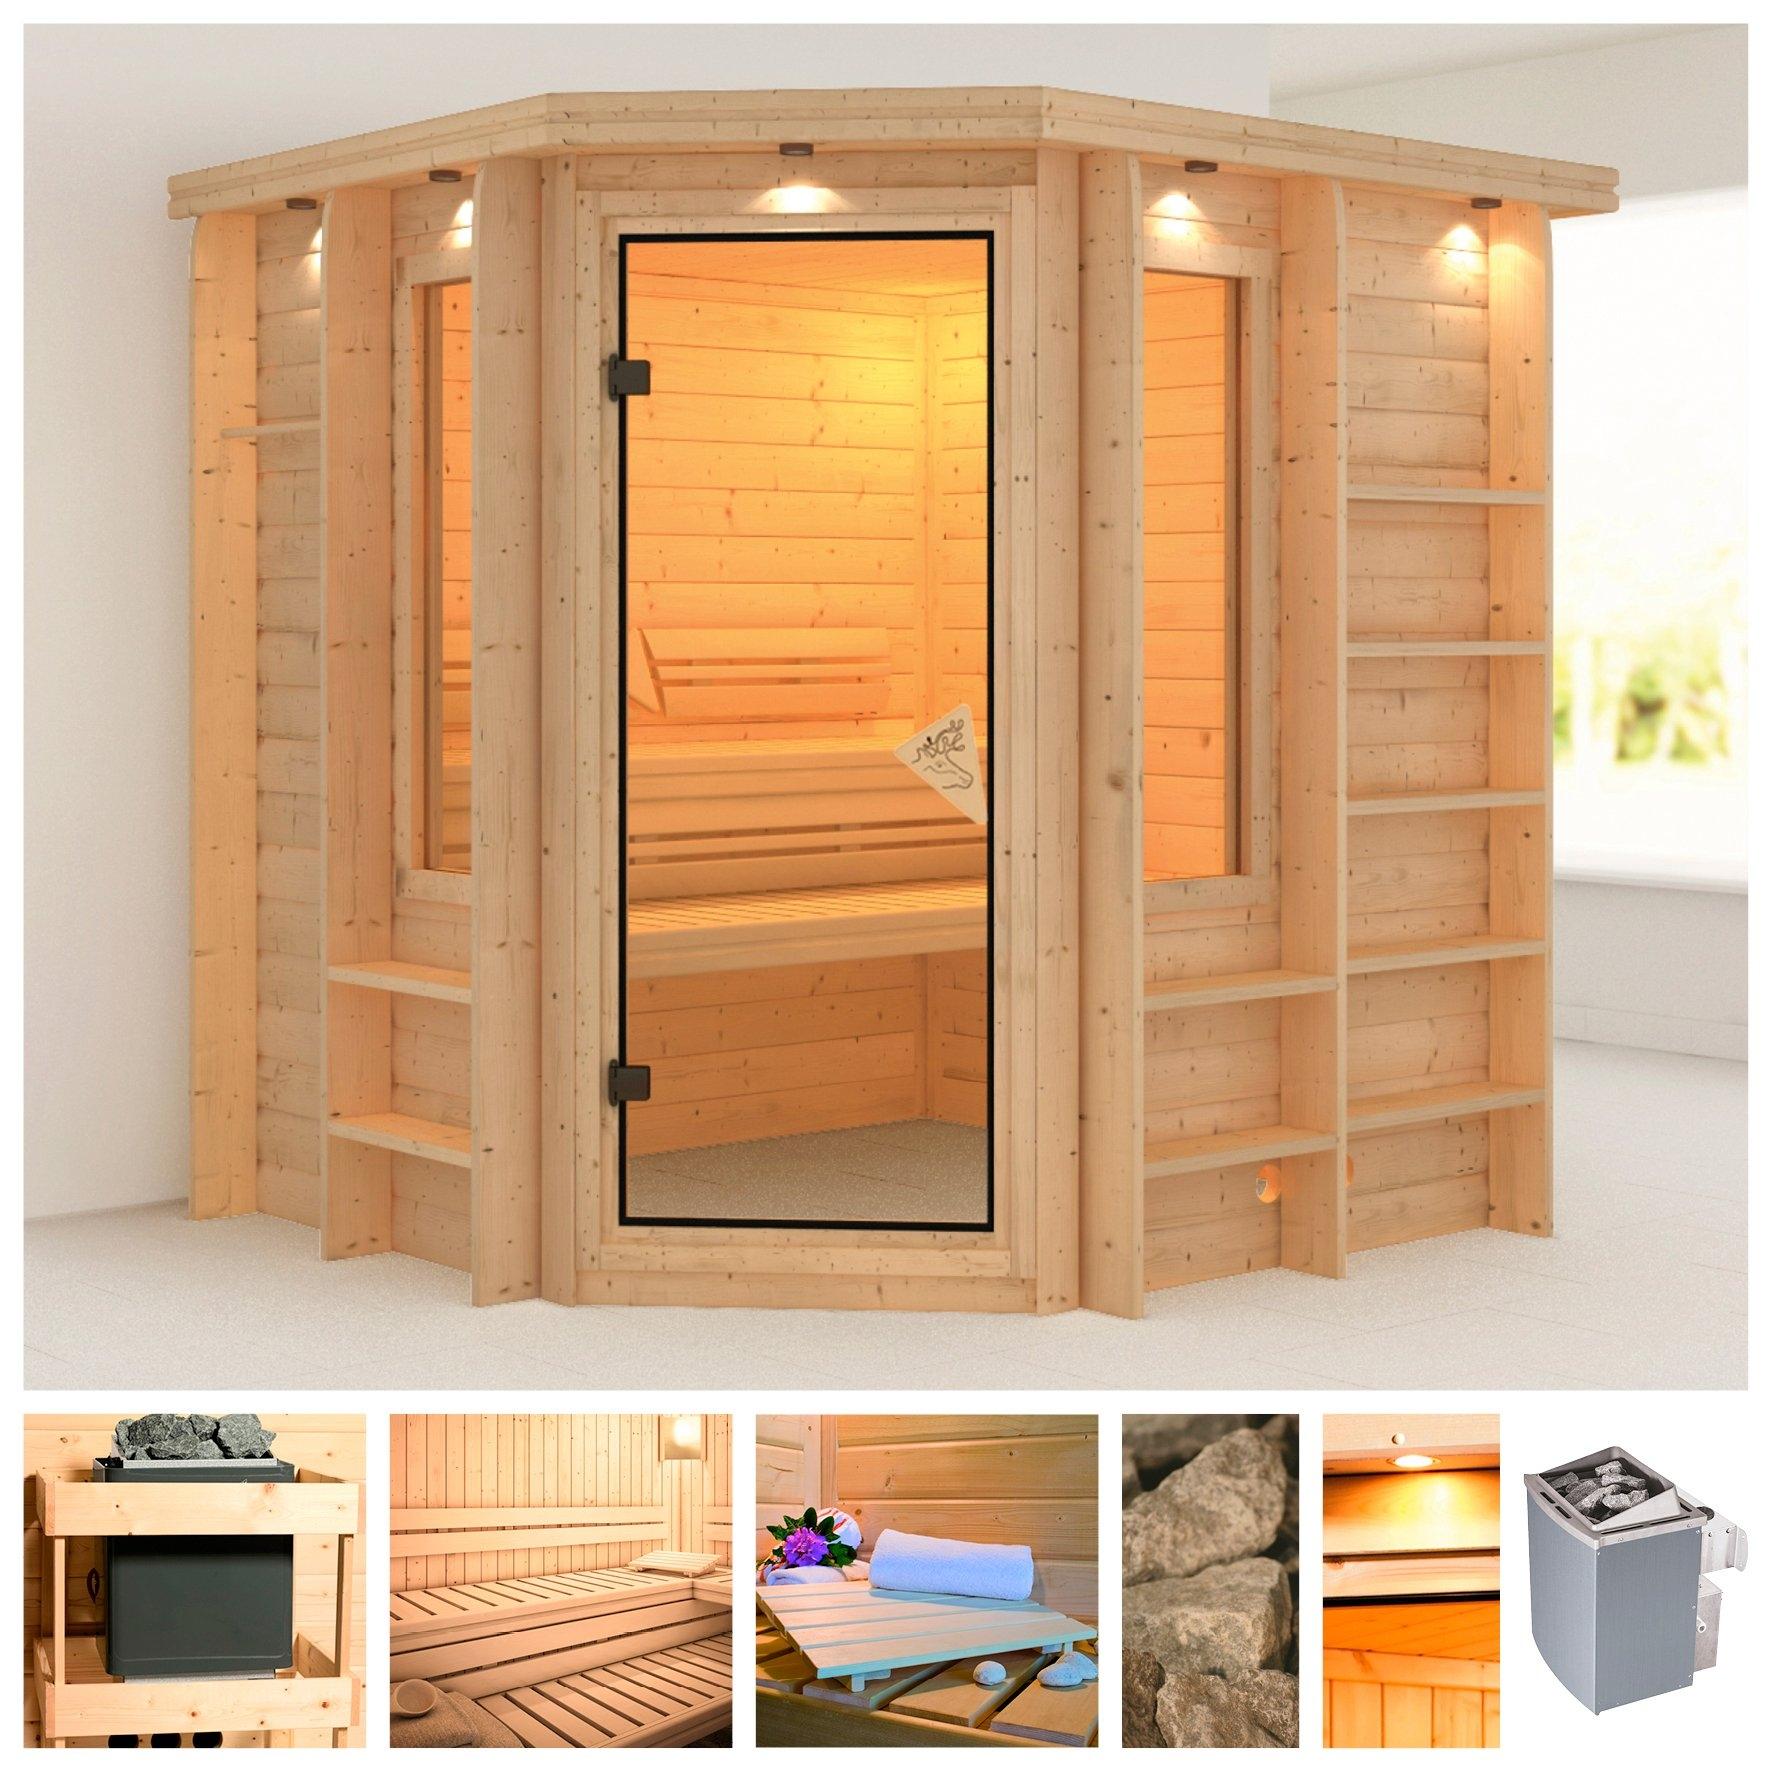 Karibu sauna »Cortona«, 224x210x206 cm, 9 kW kachel met int. bediening, dakrand nu online kopen bij OTTO